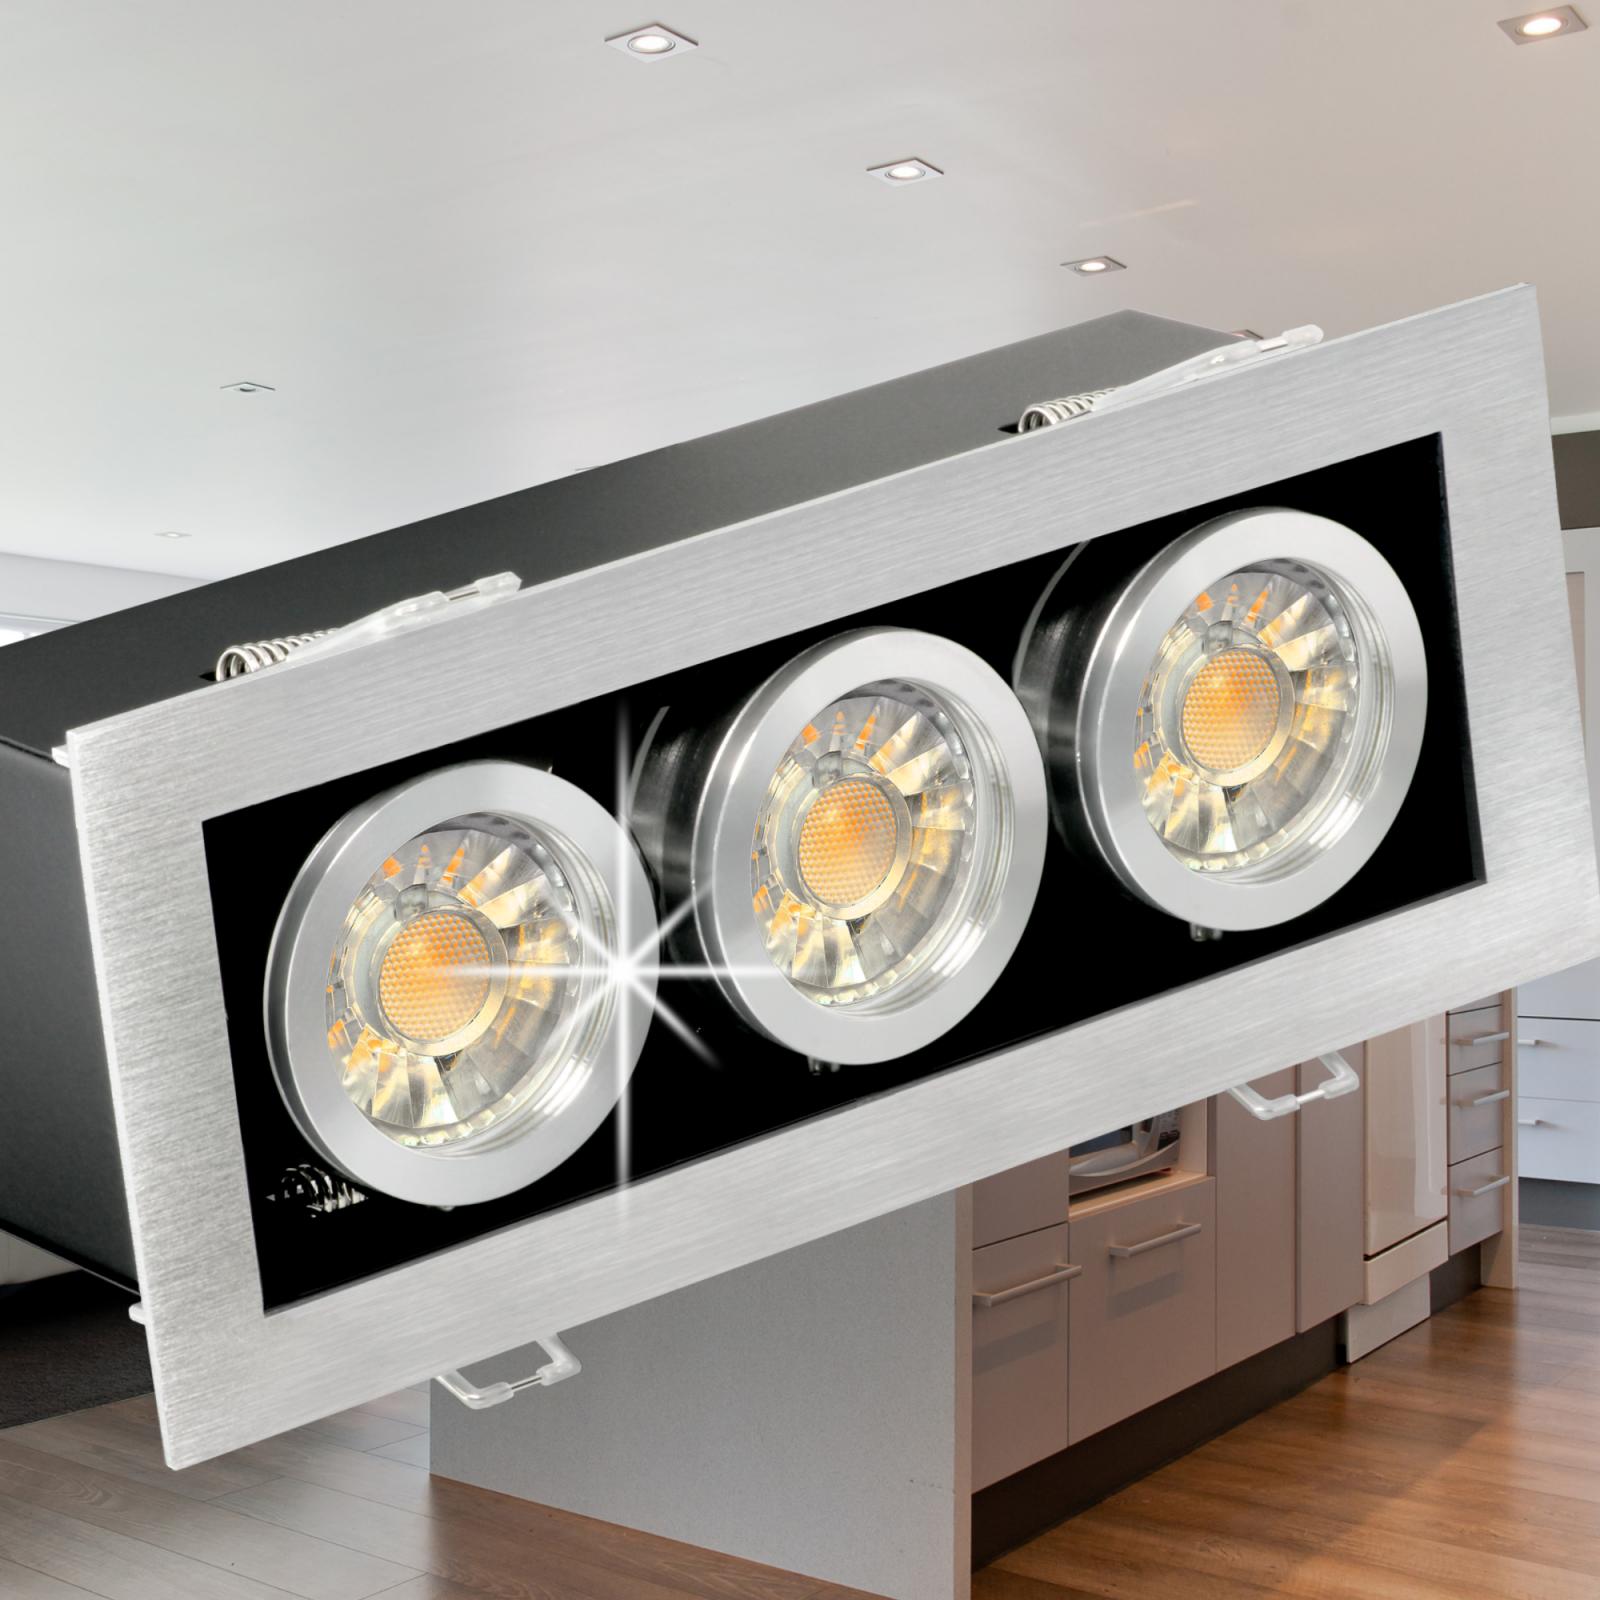 K3 LED-Einbauleuchte Design Strahler 3 Leuchtenköpfe á 5W LED neutralweiß 230V | Bekannt für seine schöne Qualität  | Quality First  | Creative